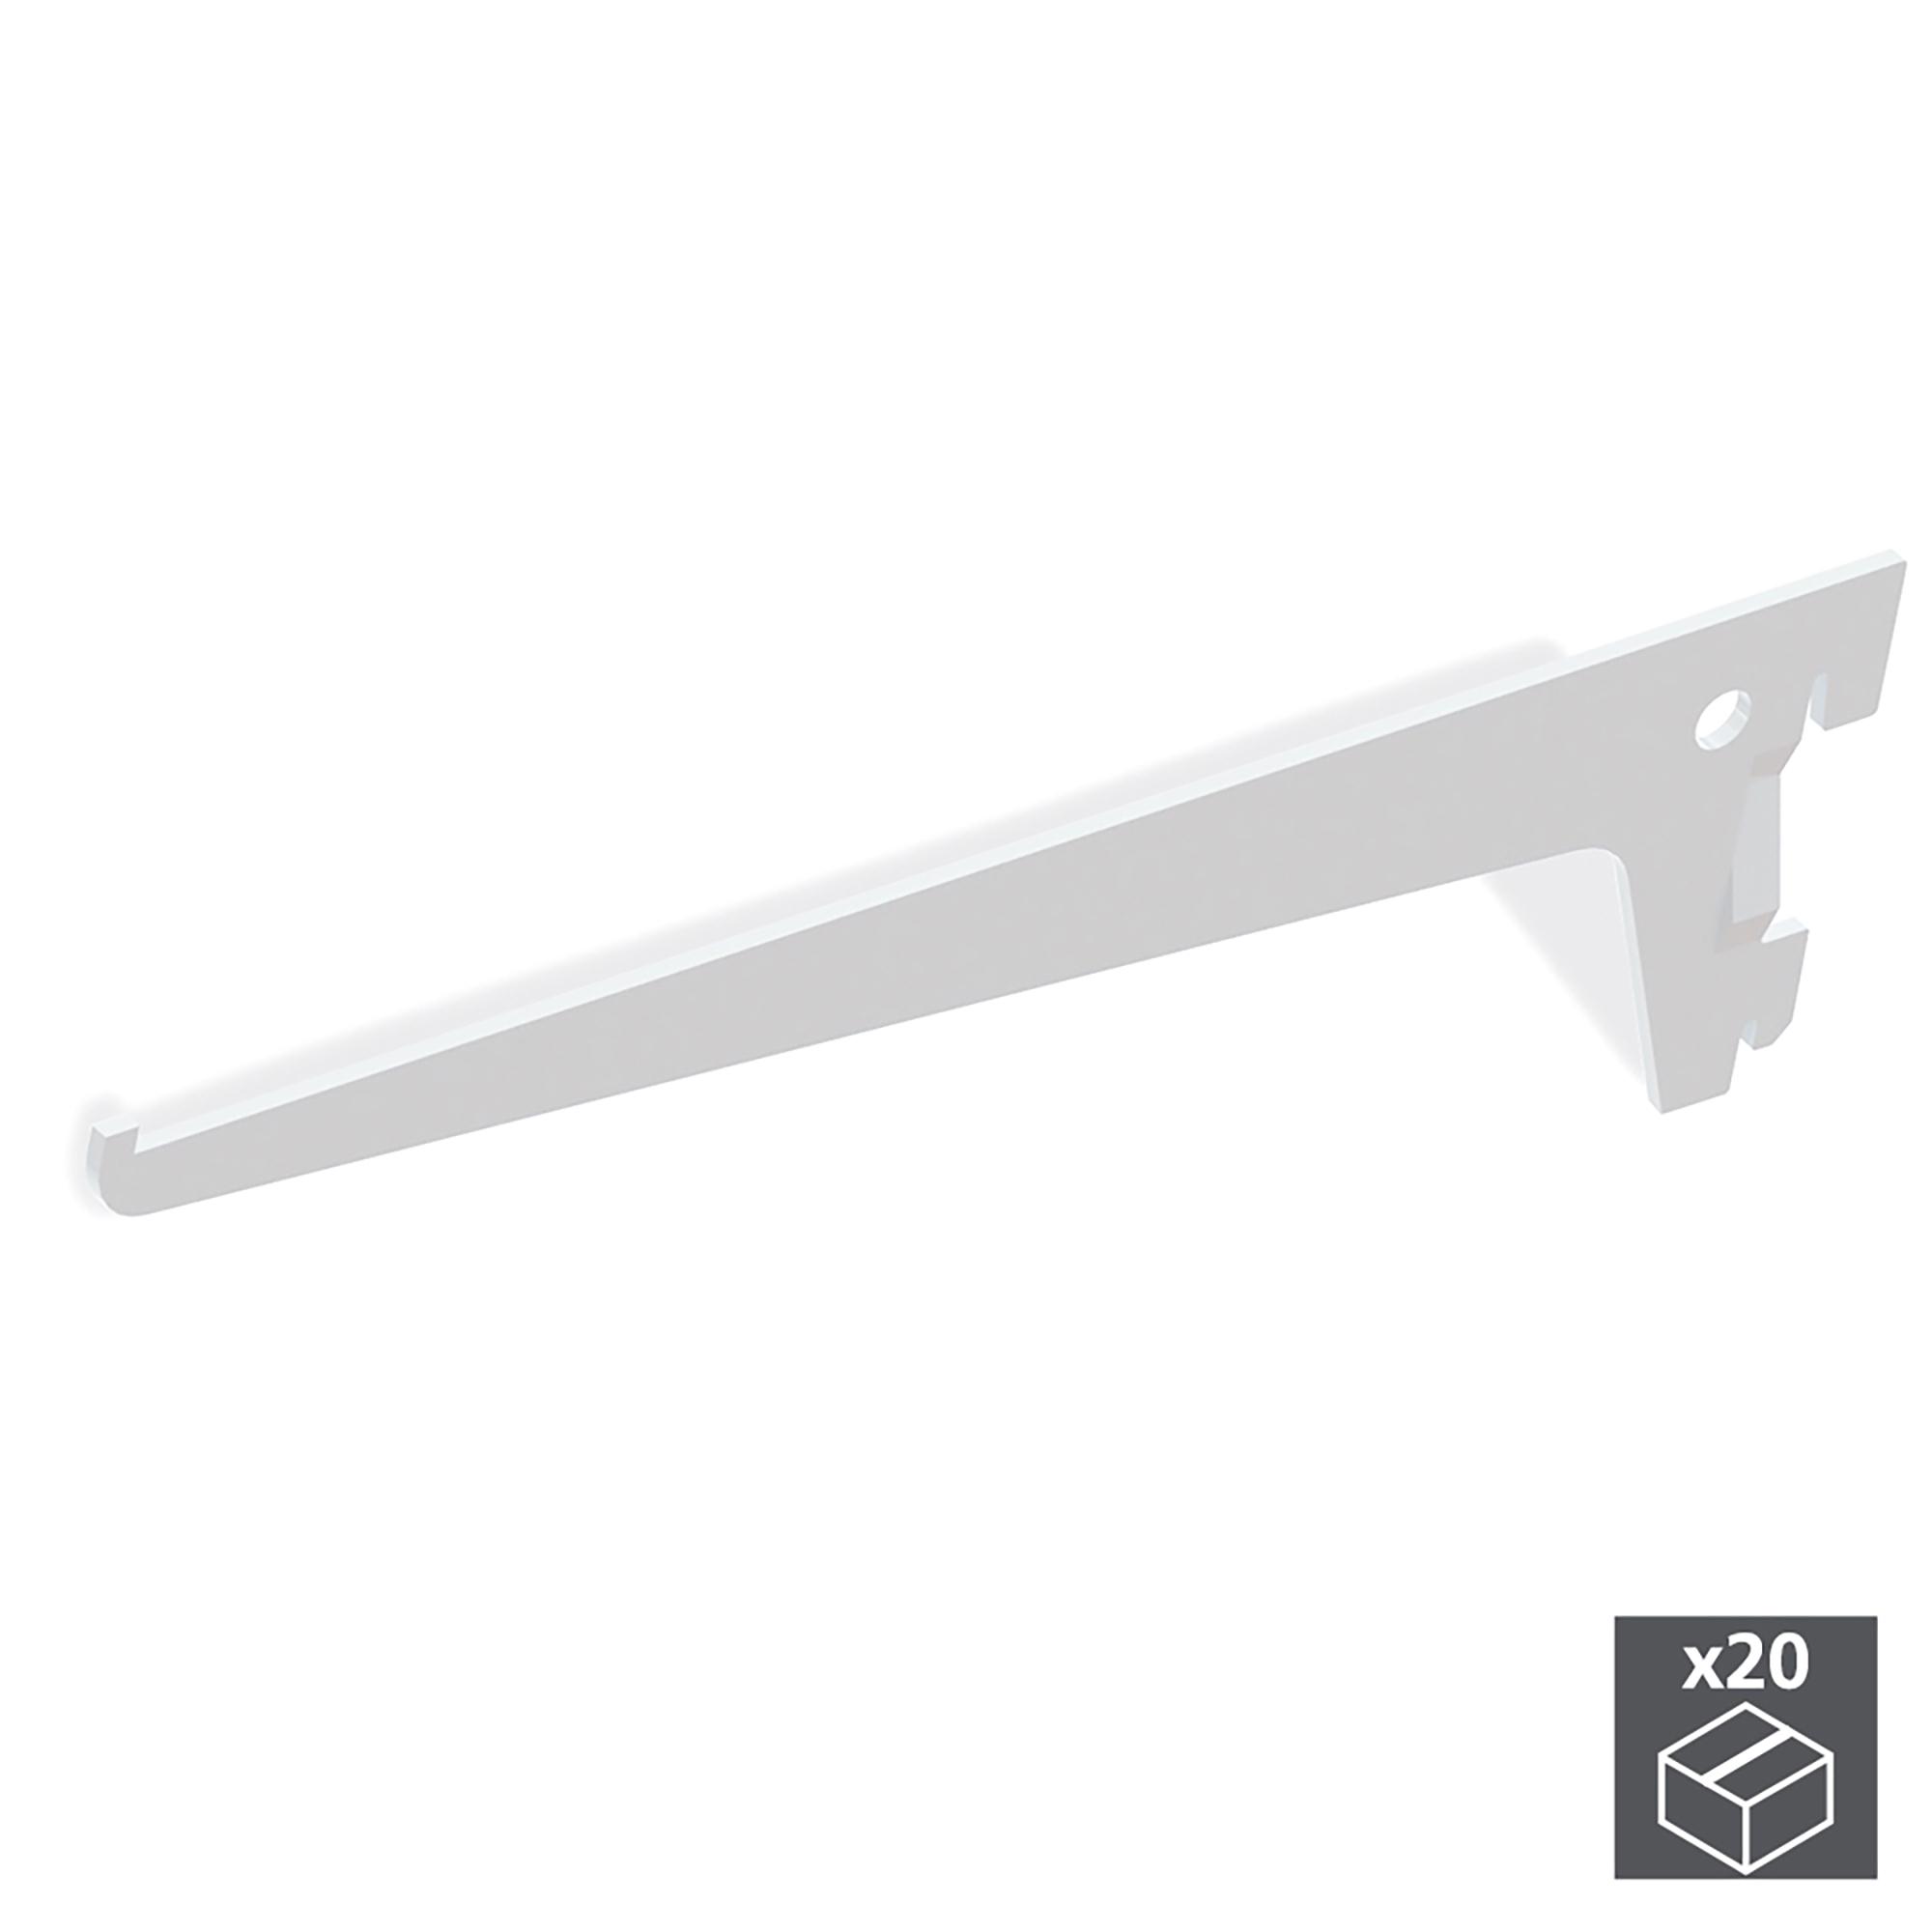 Emuca Supporto per ripiano di legno/vetro, profilo a passo 50 mm, 250 mm, Acciaio, Bianco, 20 u.